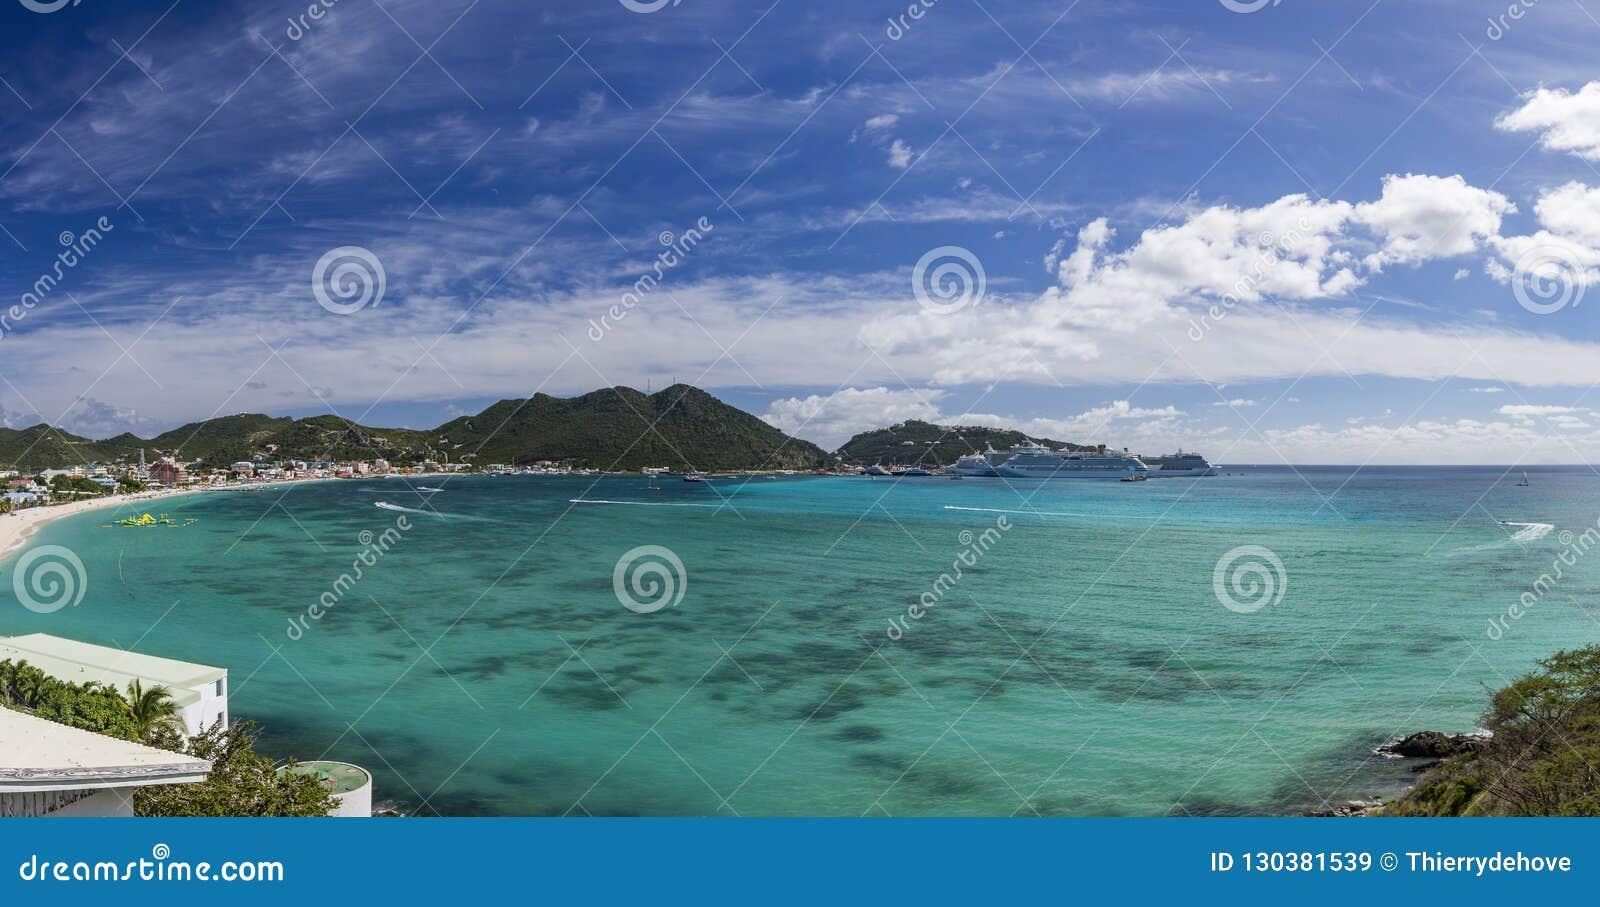 Panoramisch van Saint Martin, Sint Maarten: Caraïbische Stranden